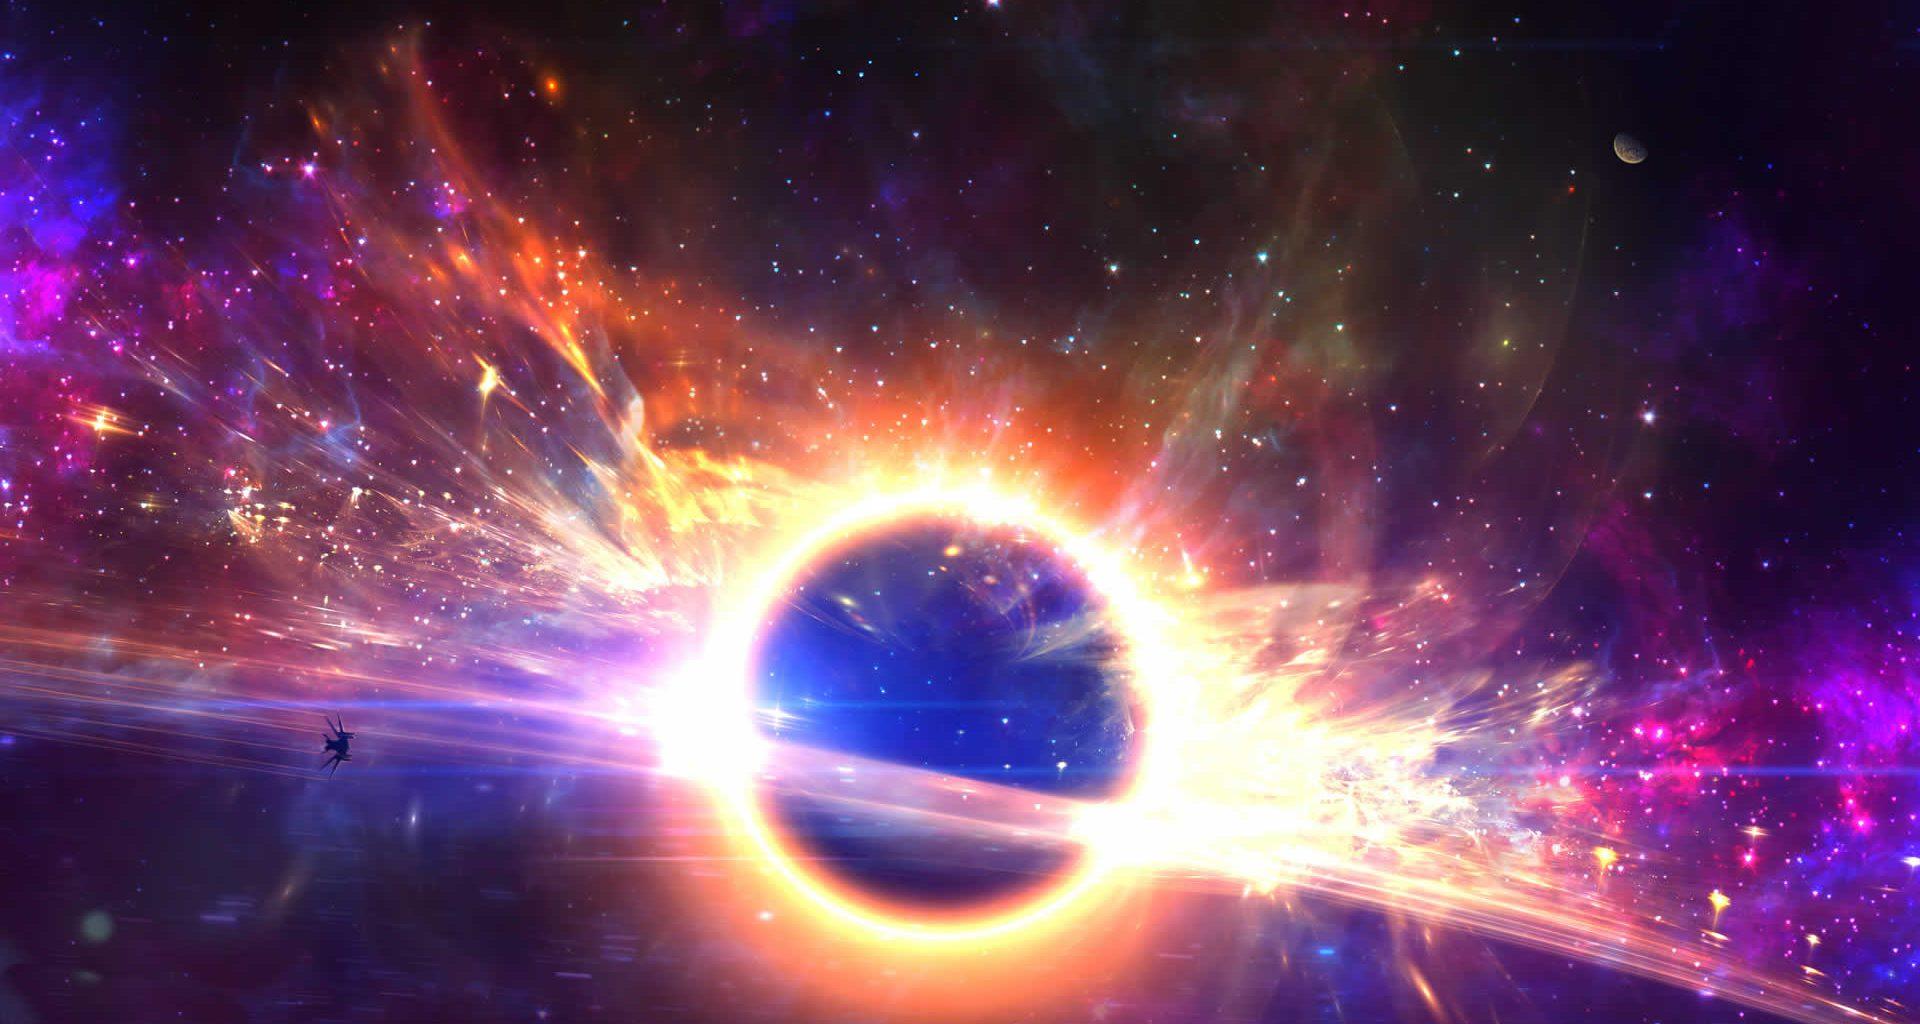 ¿Qué pasaría si un agujero negro cayera en un agujero de gusano?